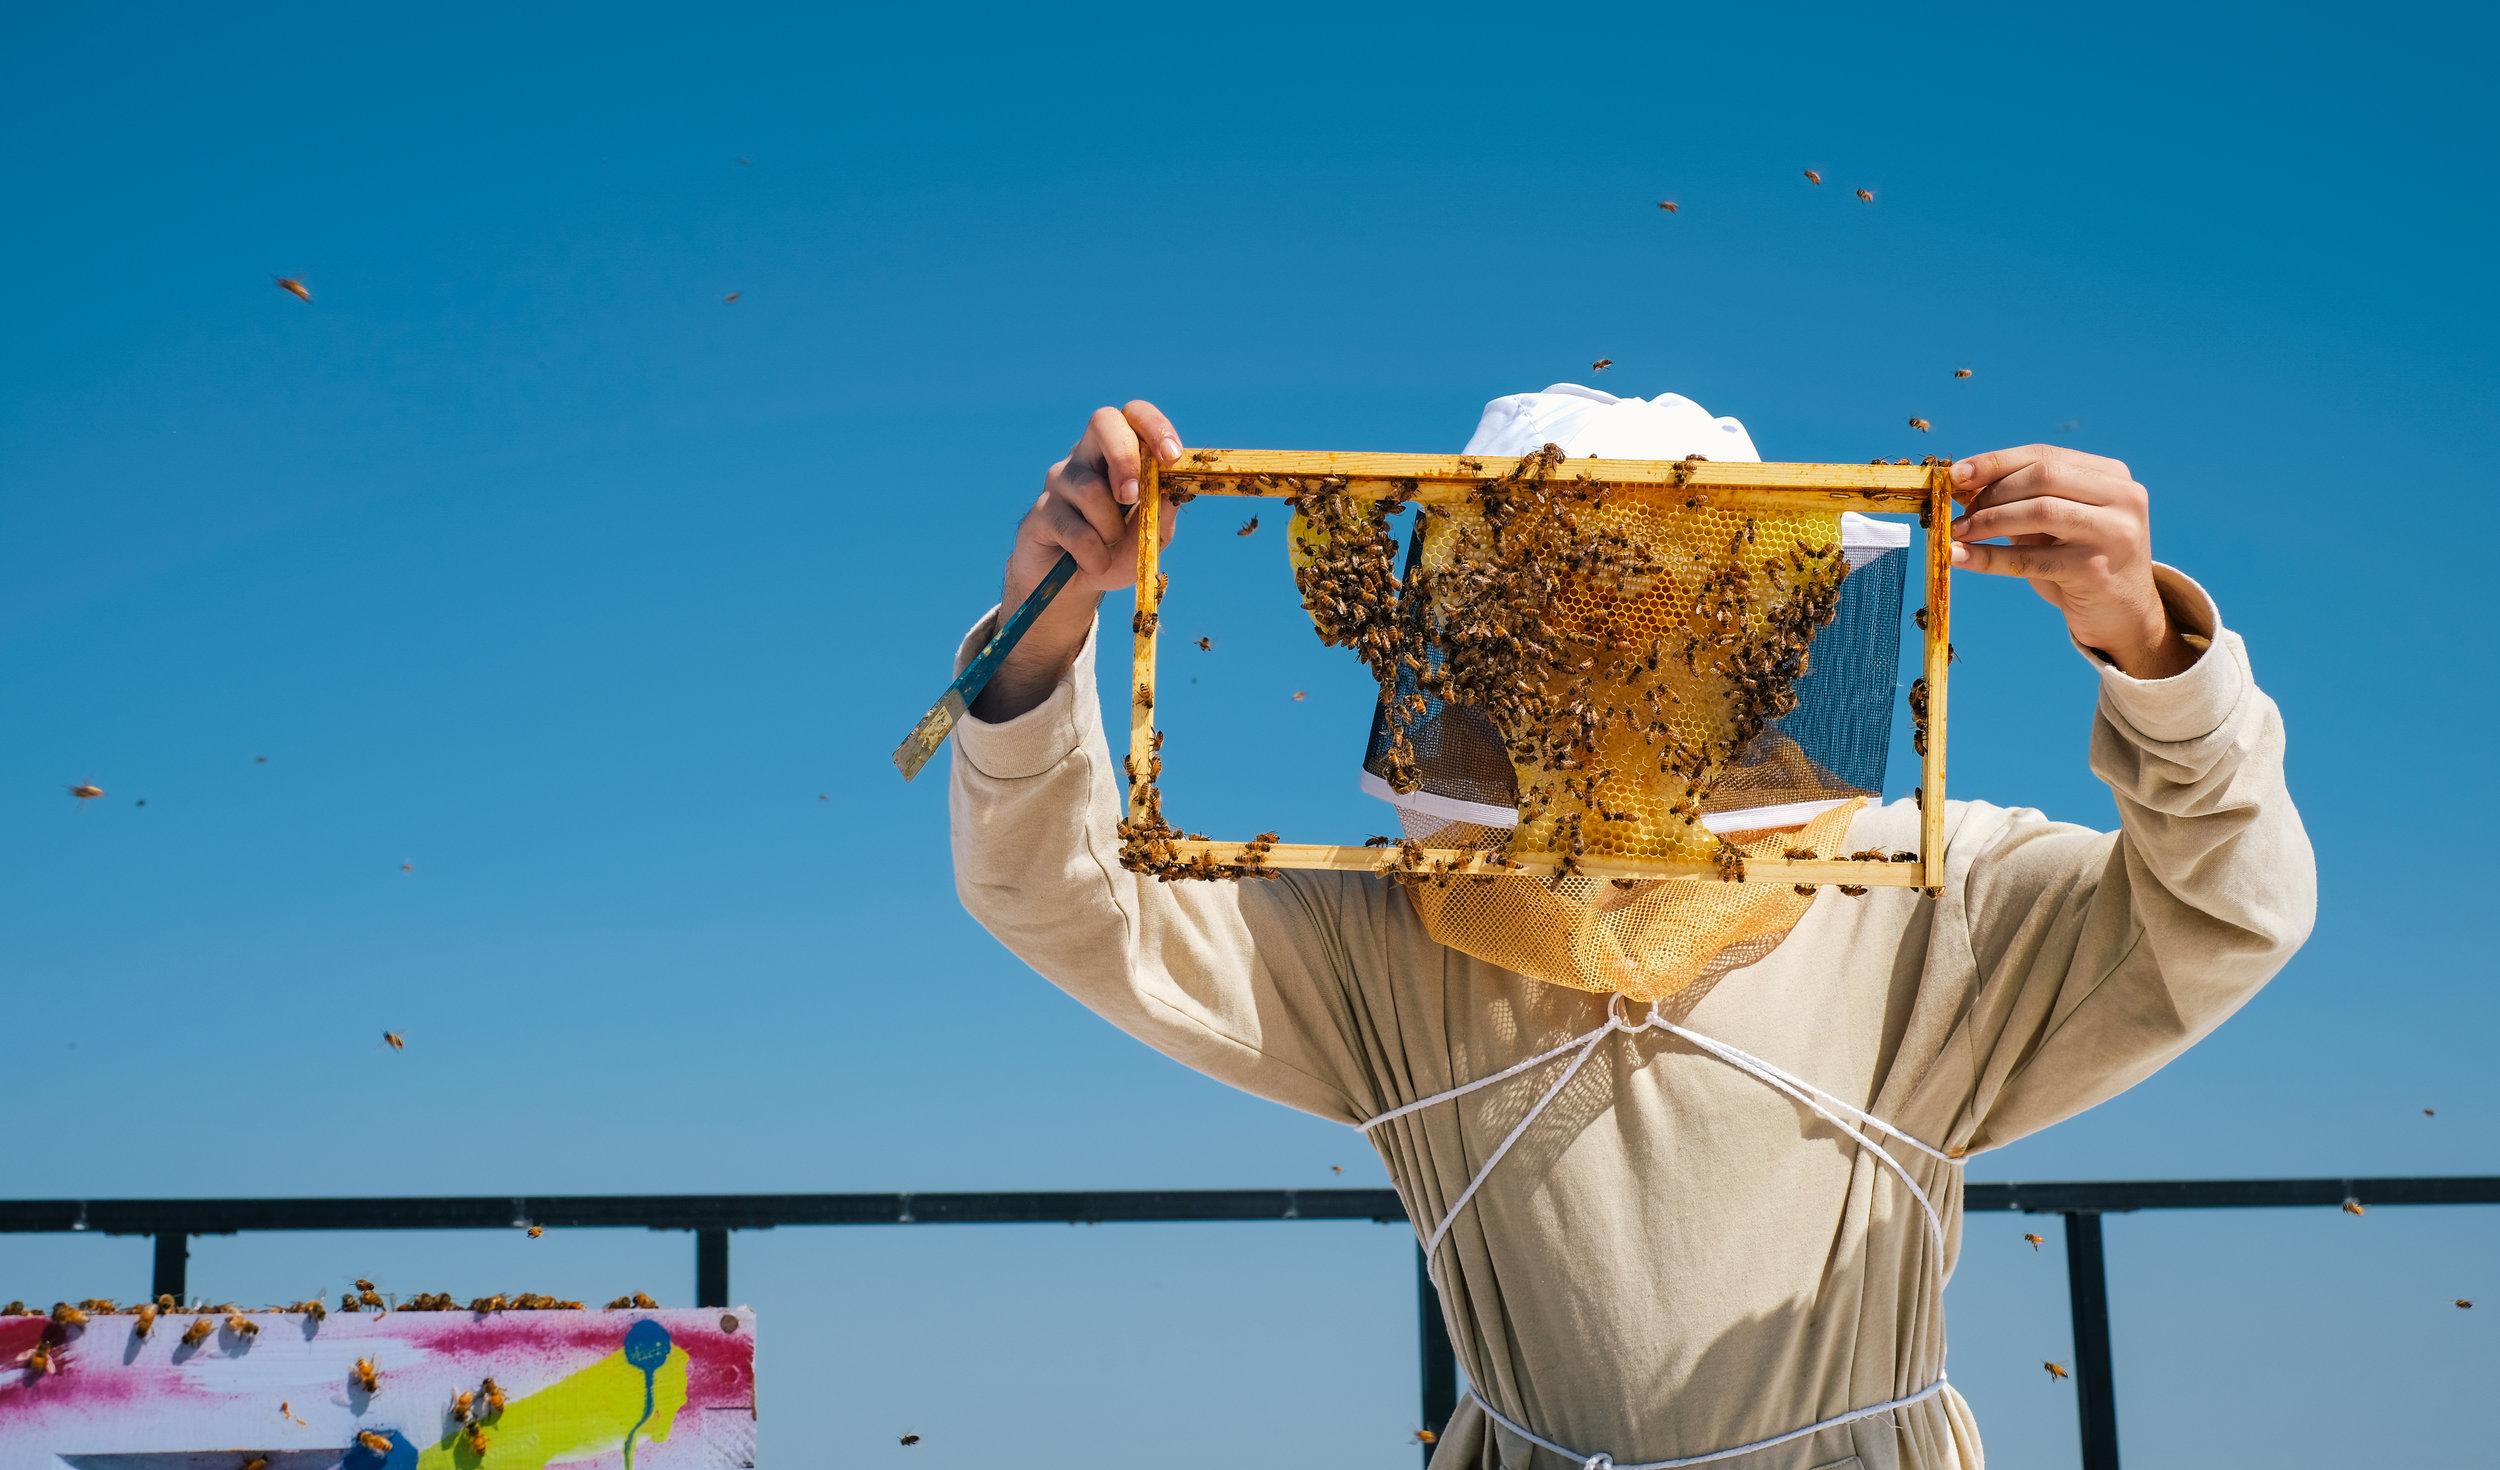 Bees_EmpressGreen-48.jpg